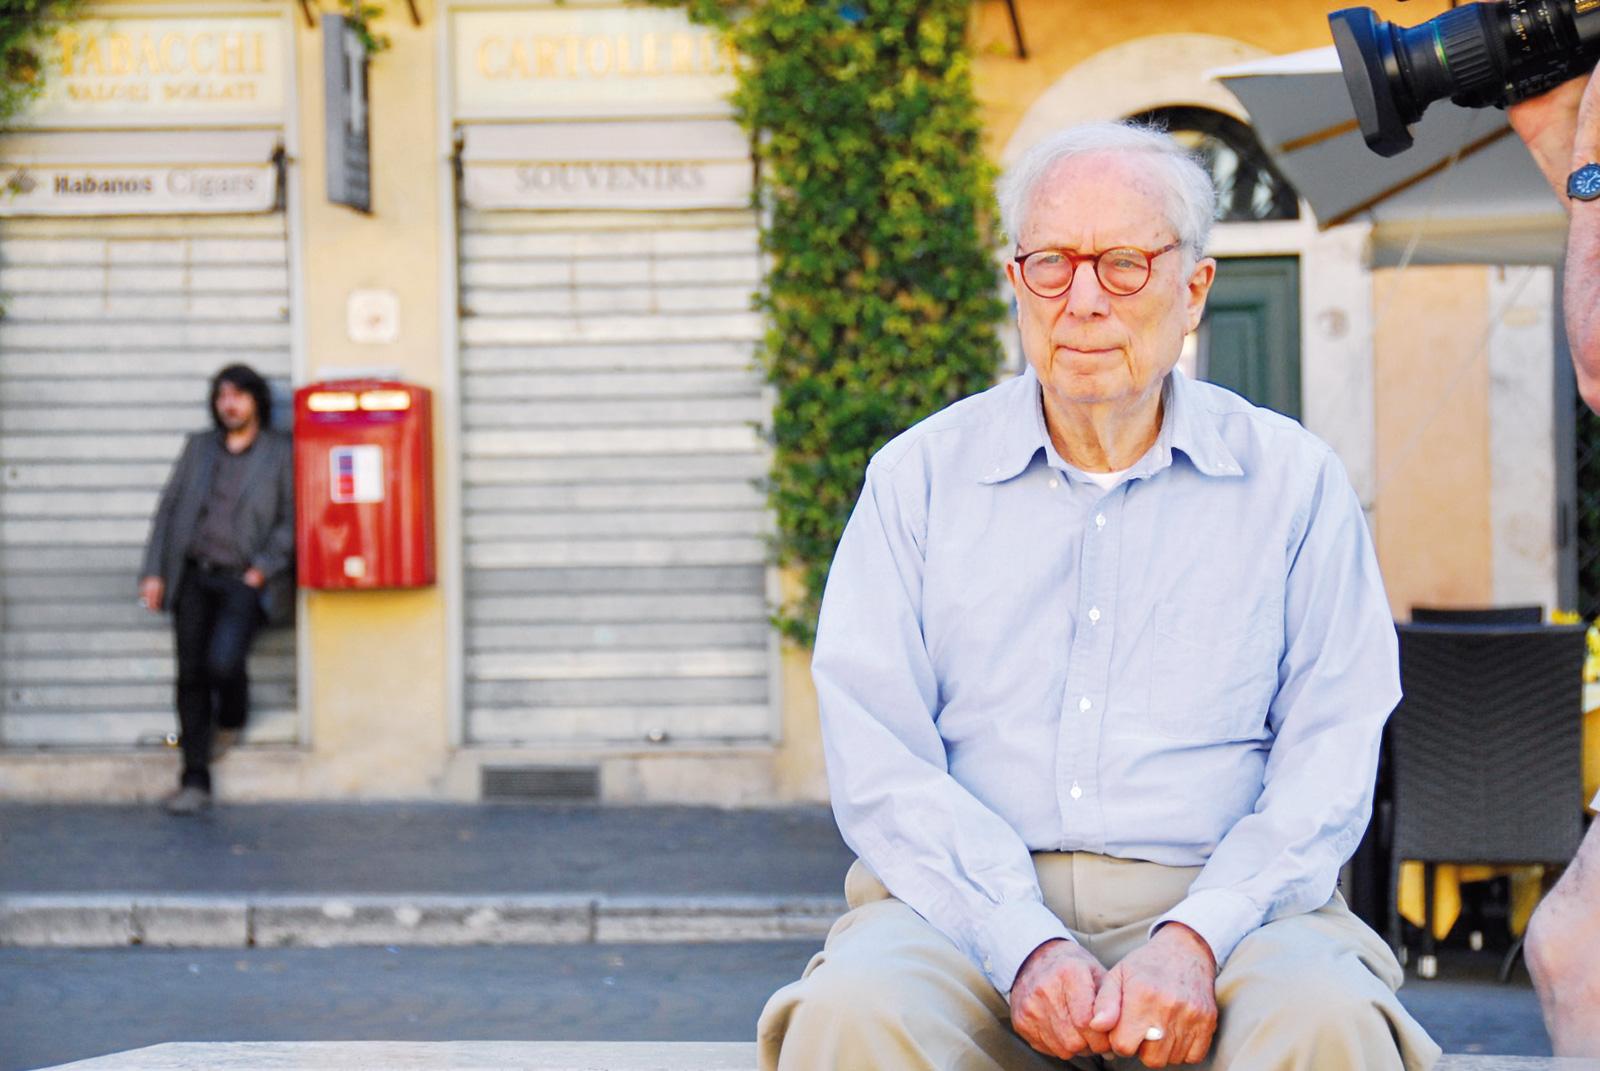 2004 — 2013 Celovečerný dokument, za ktorým stojí Robertov aDenisin syn, James Venturi, je nielen zhrnutím života adiela dvoch významných architektov, ale aj mapou spoločenských asociologických zmien vdruhej polovici 20. storočia.